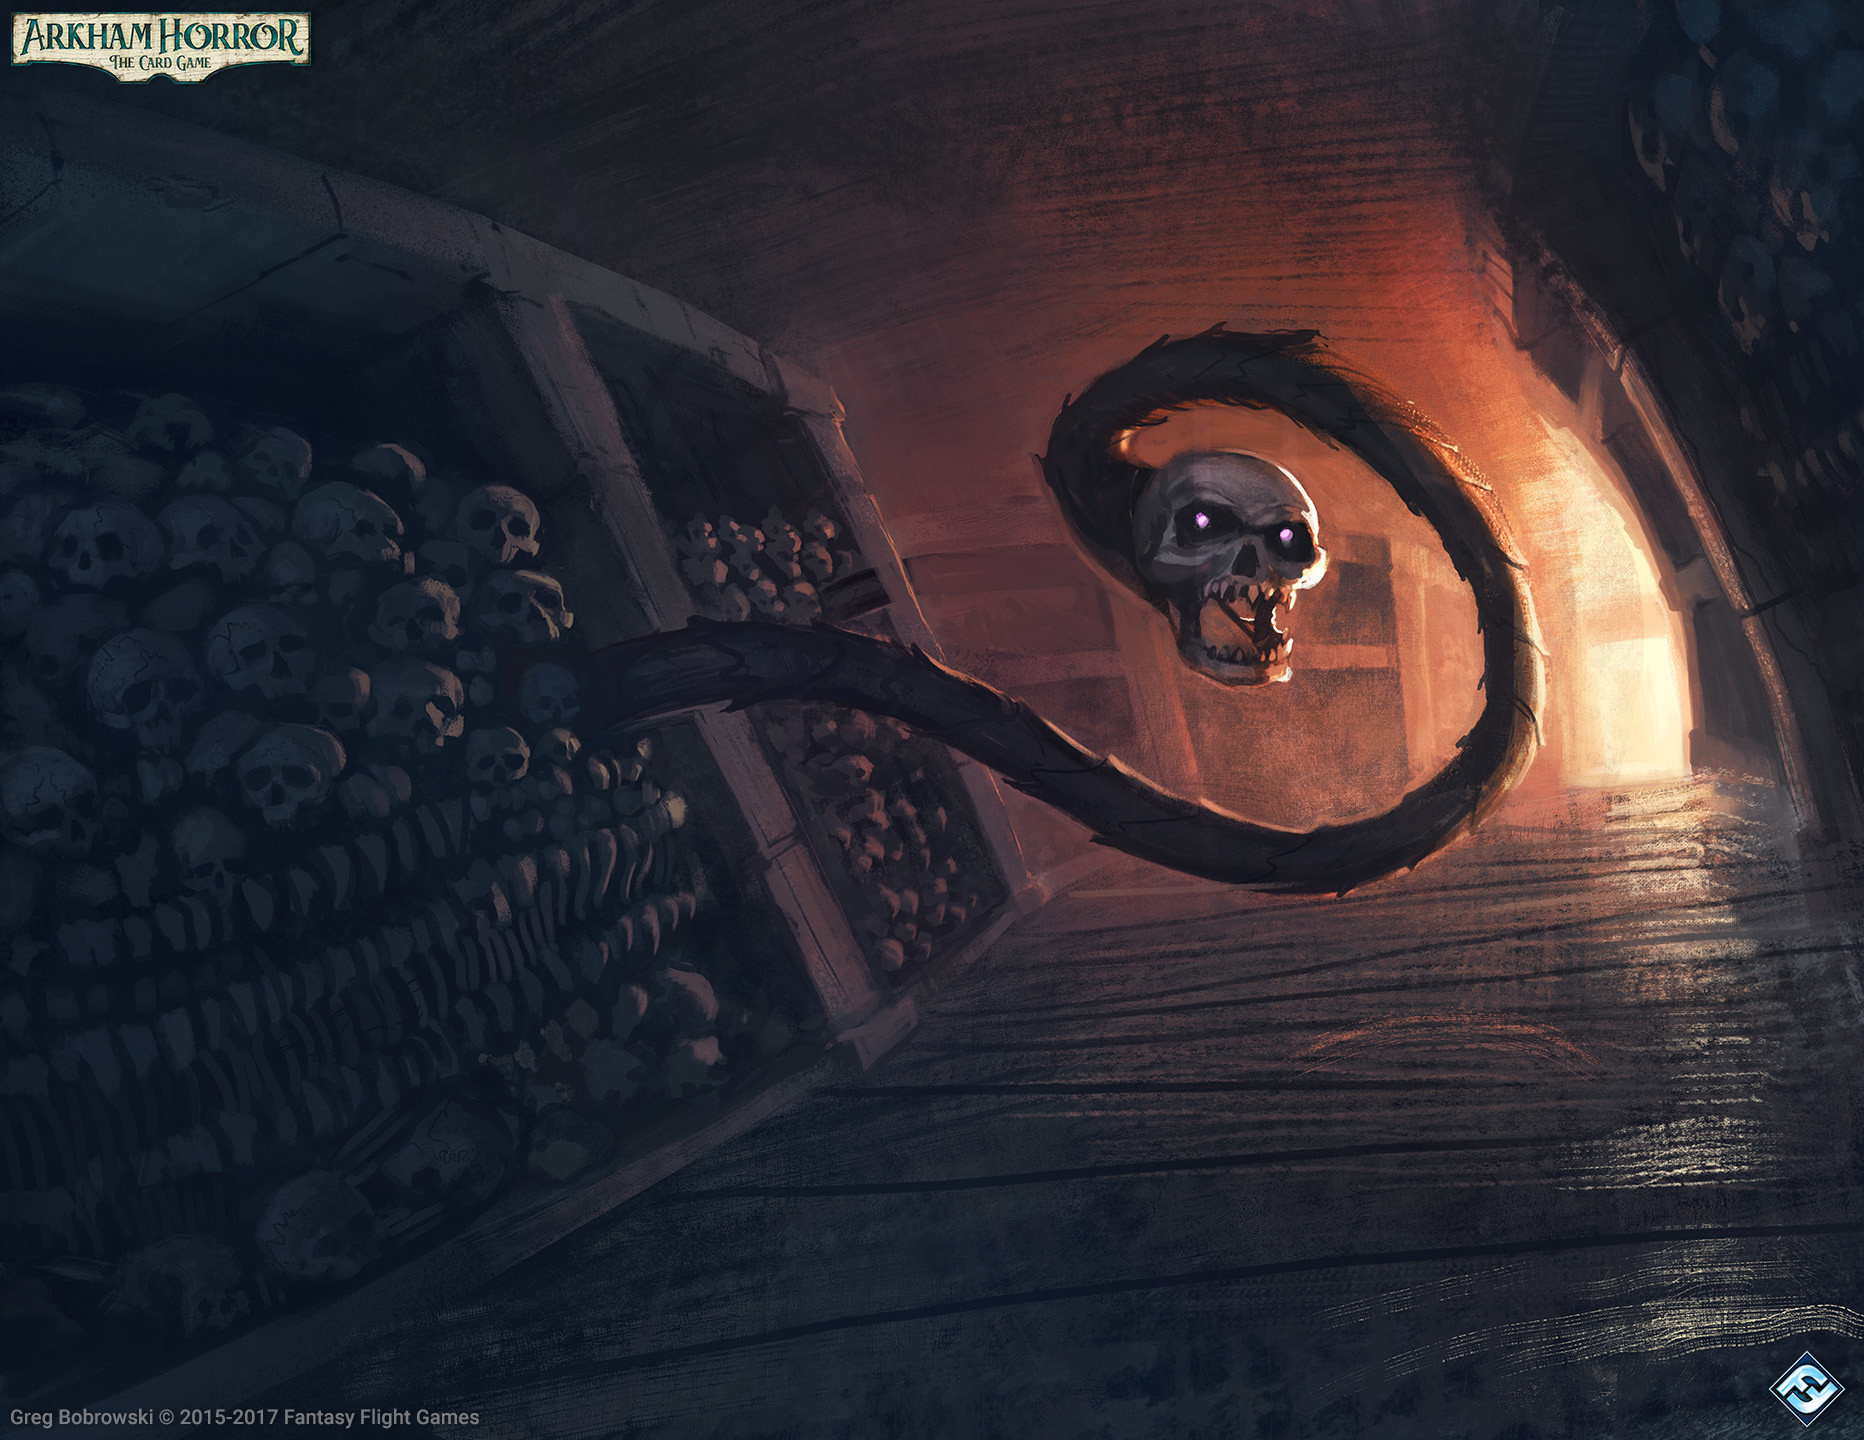 Greg bobrowski ahc k0518 d6759 19052 catacombs grzegorzbobrowski 1440